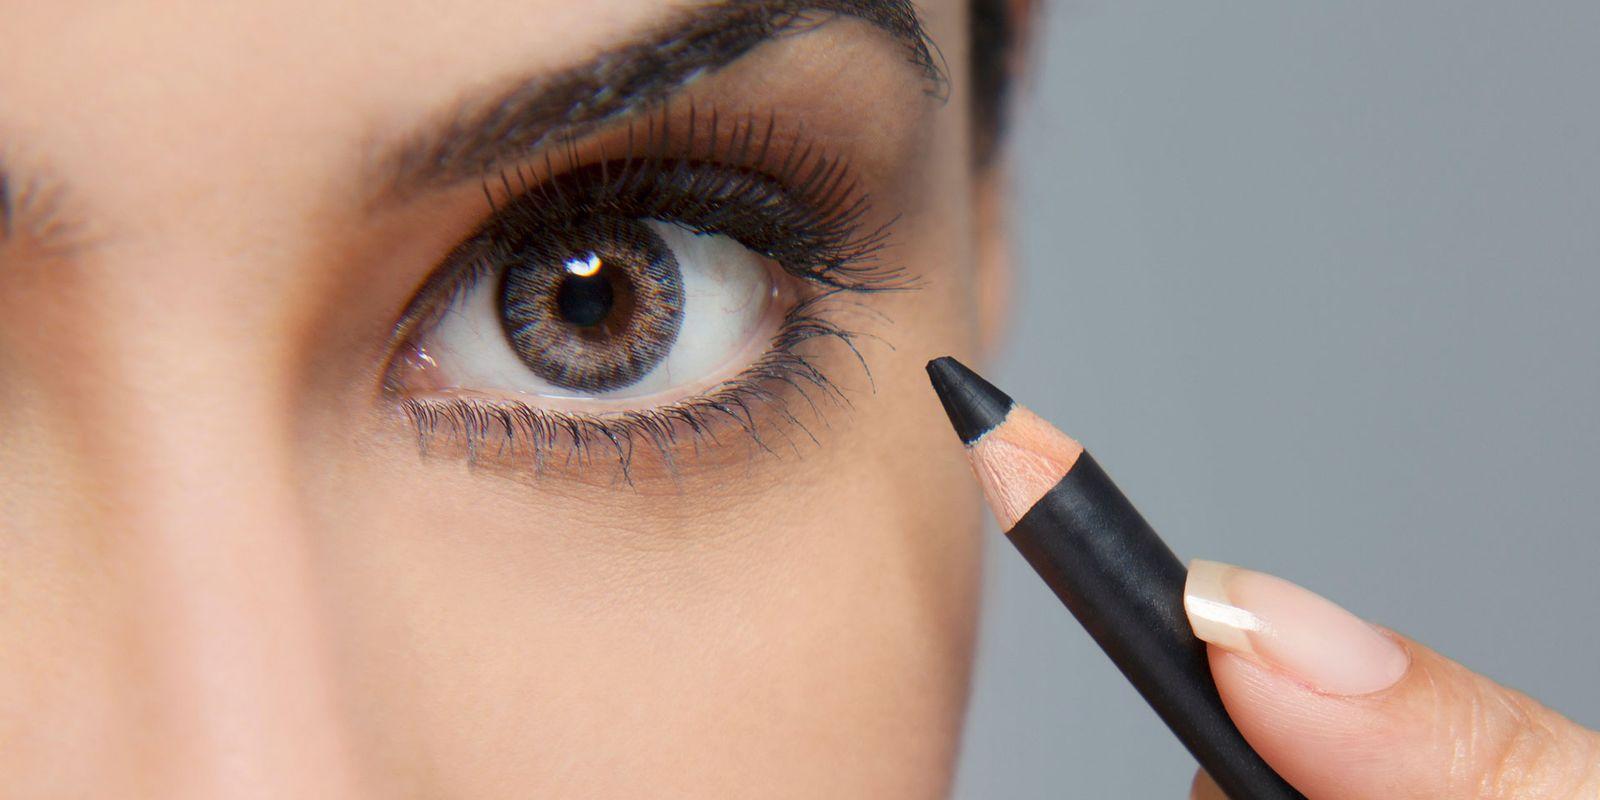 Πως θα ξεκουράσετε με φυσικό τρόπο τα μάτια σας